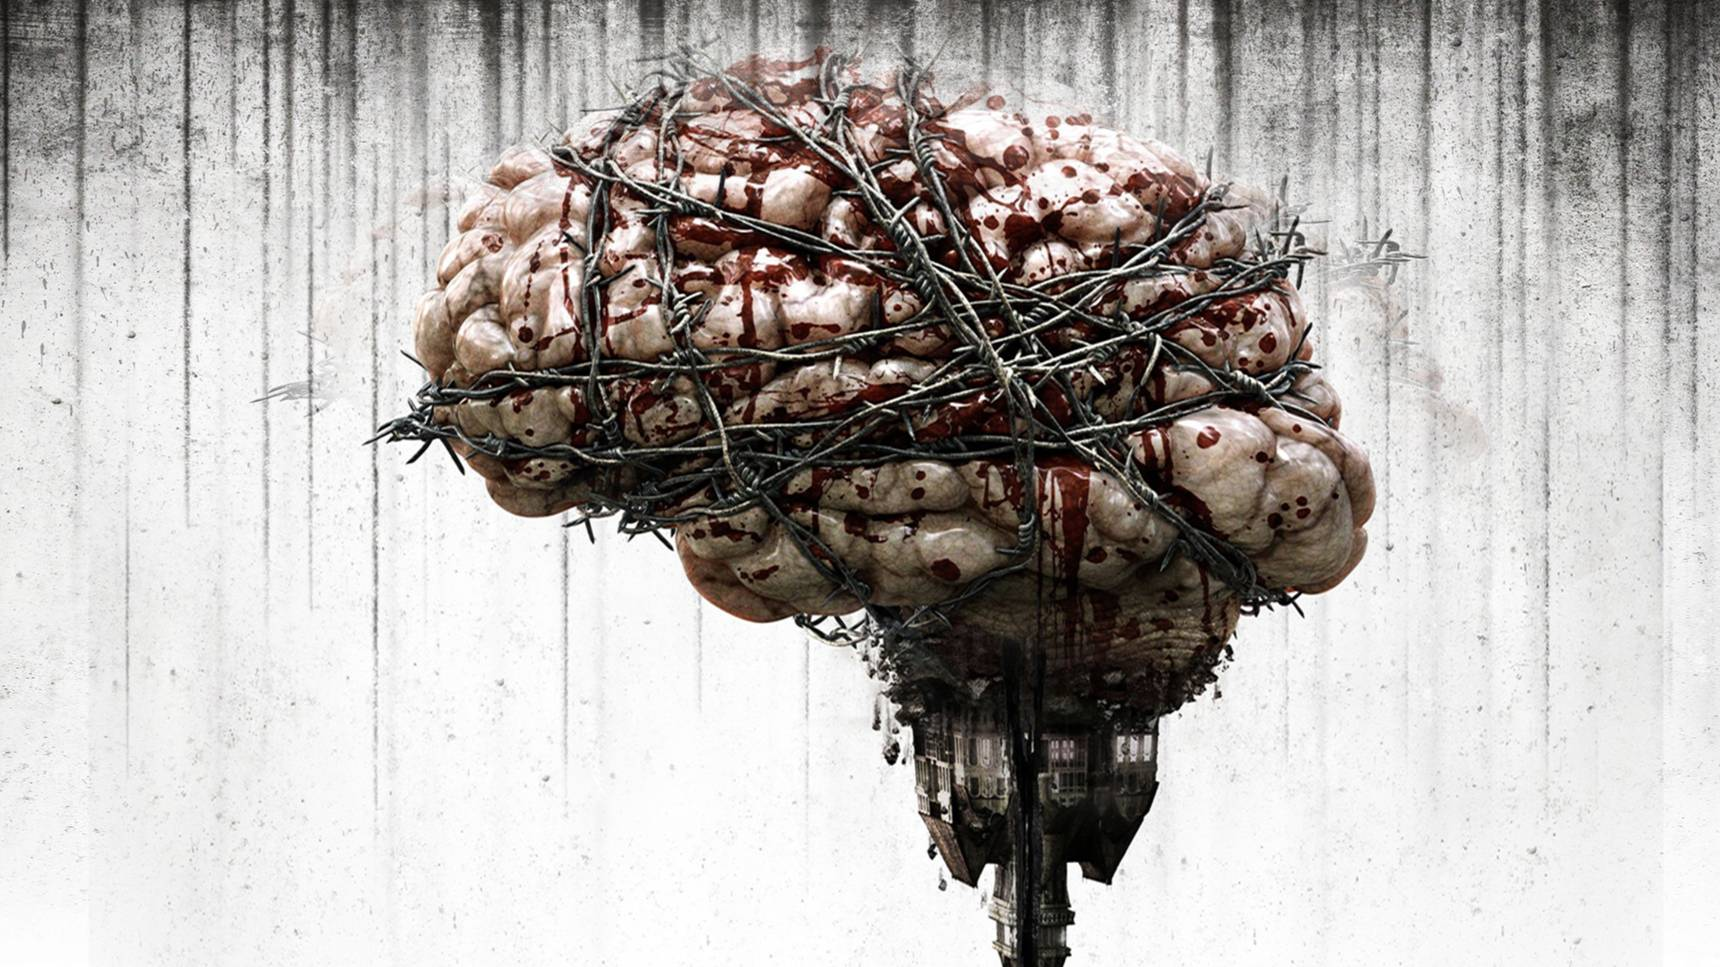 【达奇】神经小伙被黑暗组织给活剐了 做成缸中之脑-《恶灵附身》的故事